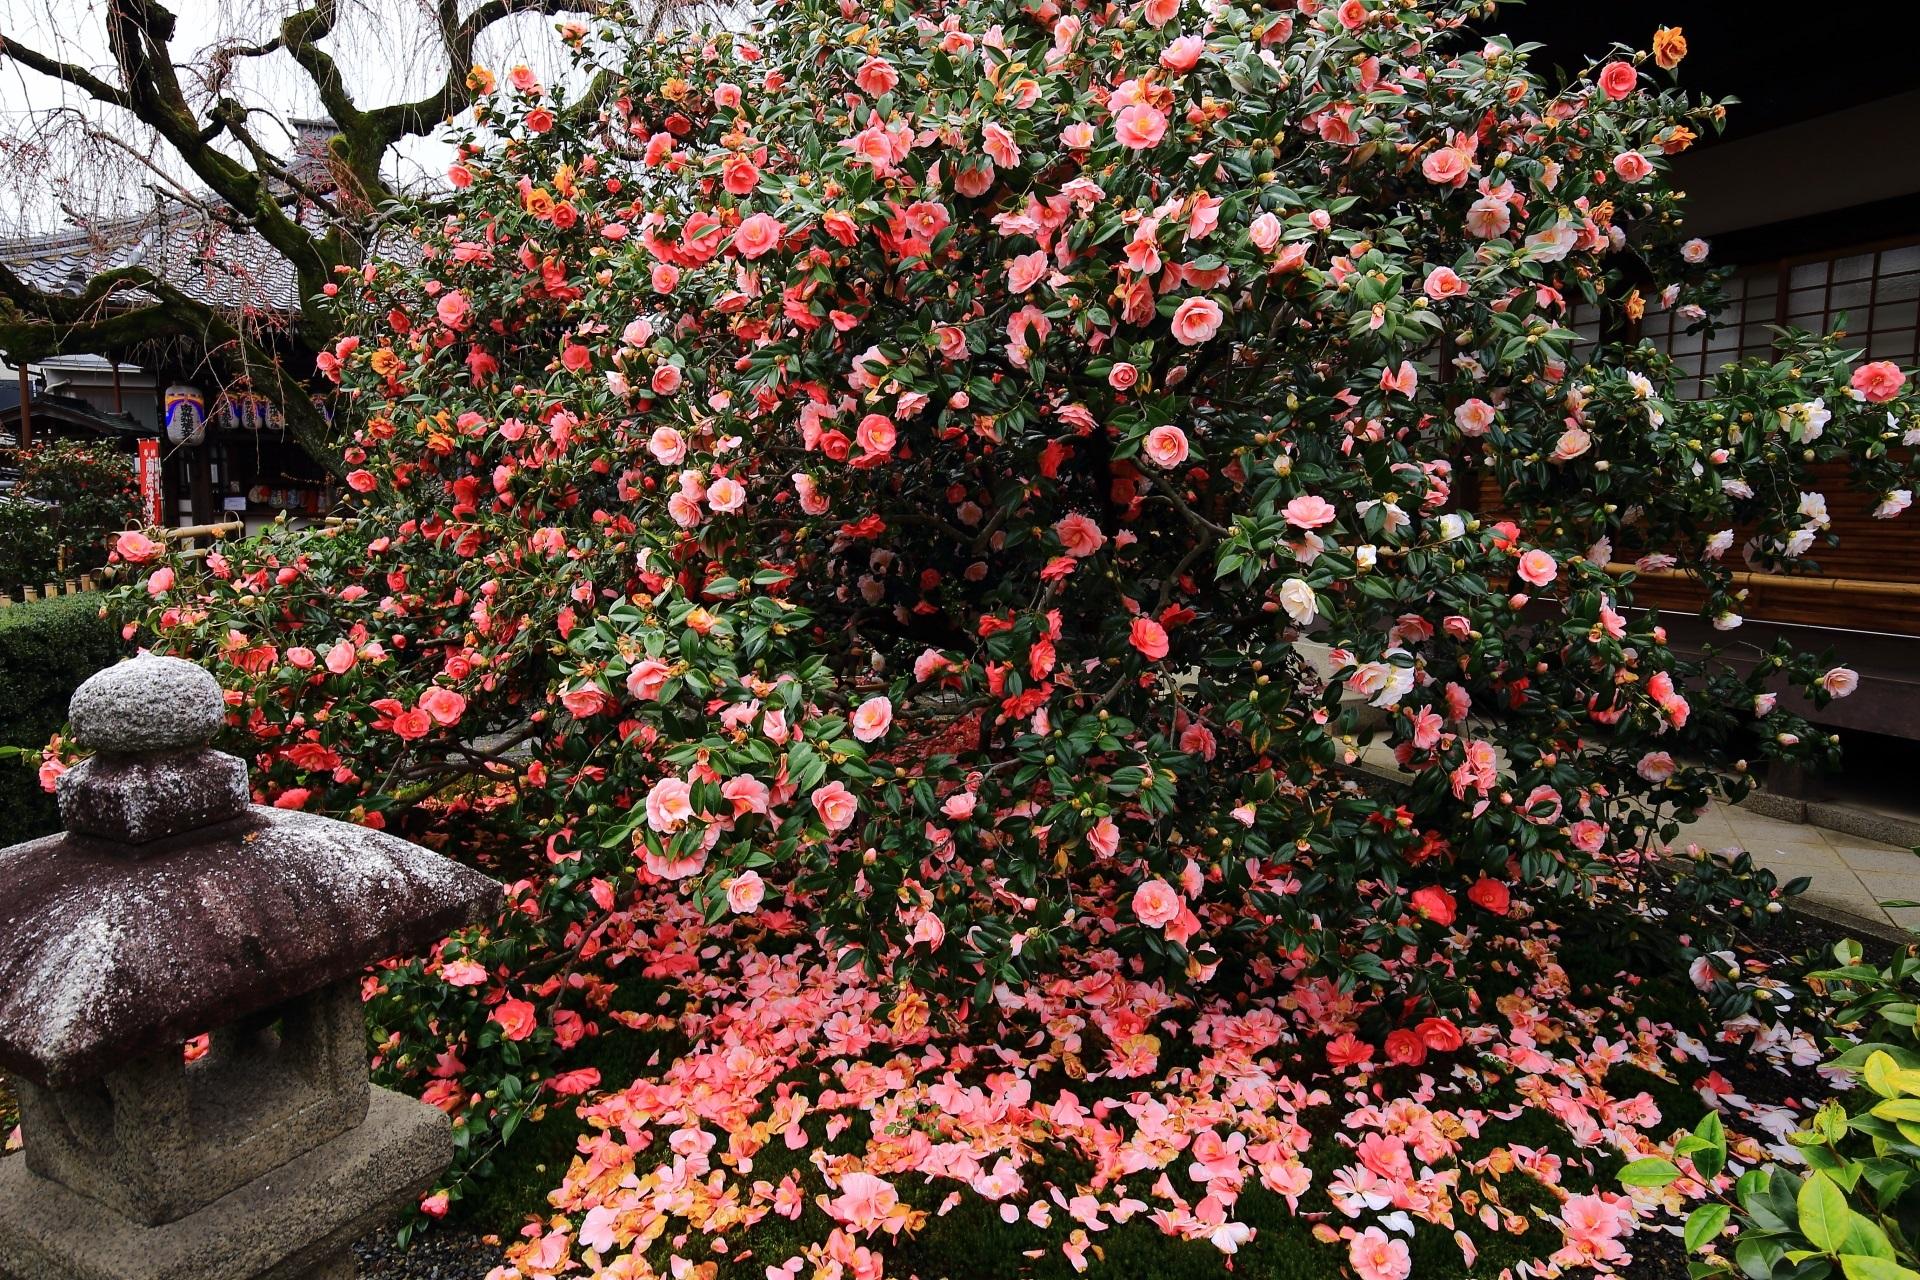 椿寺 地蔵院 ツバキ 色とりどりの鮮やかな五色八重散椿